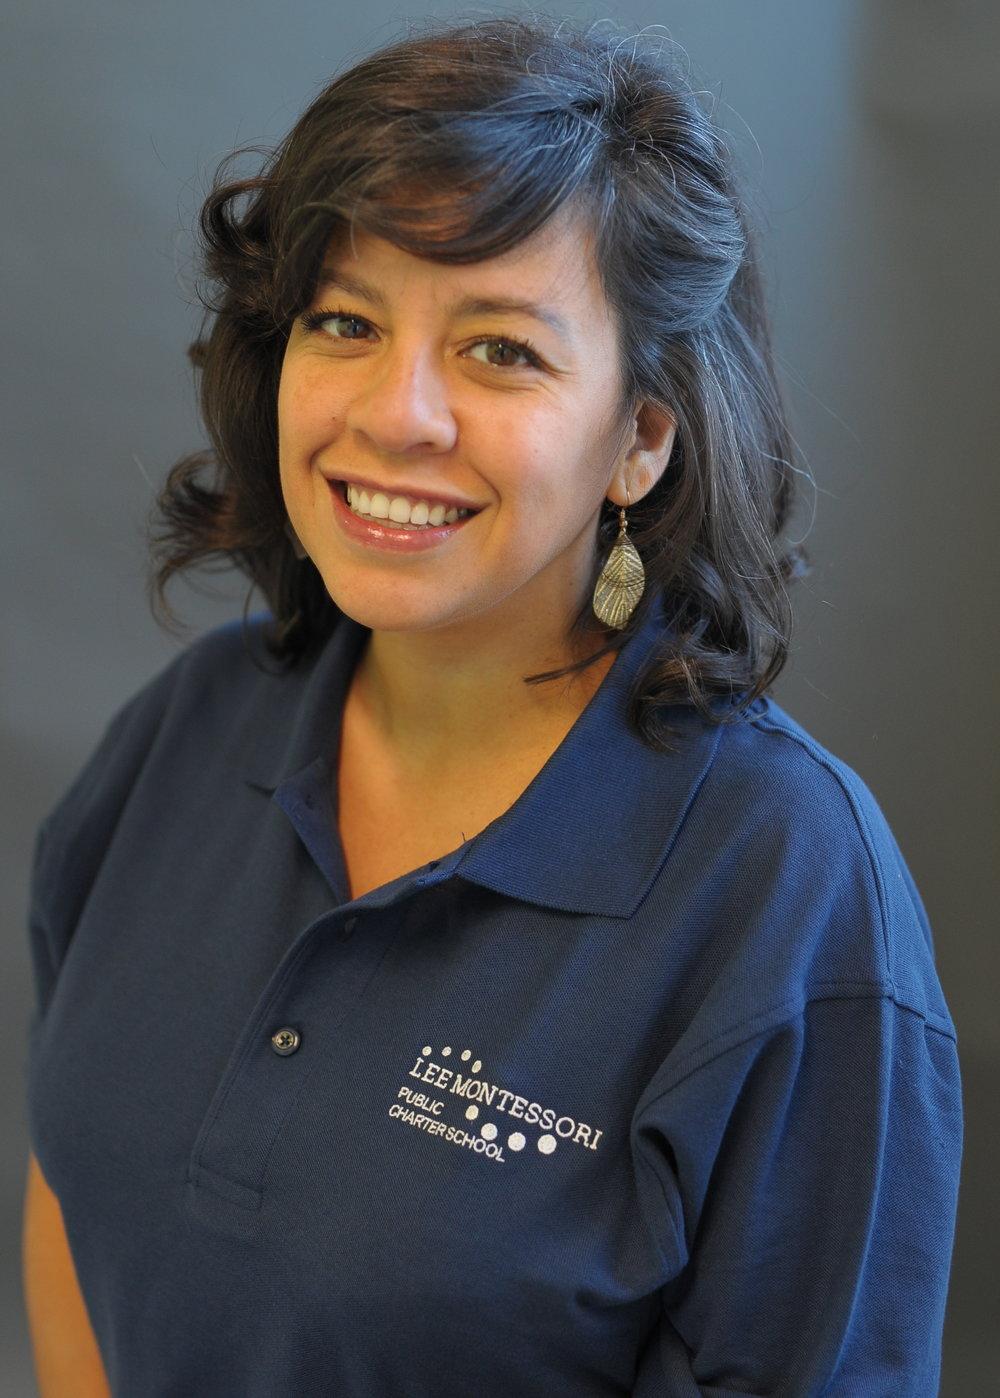 Debbi Lopez - Sped Tech, La Maison Des Enfants